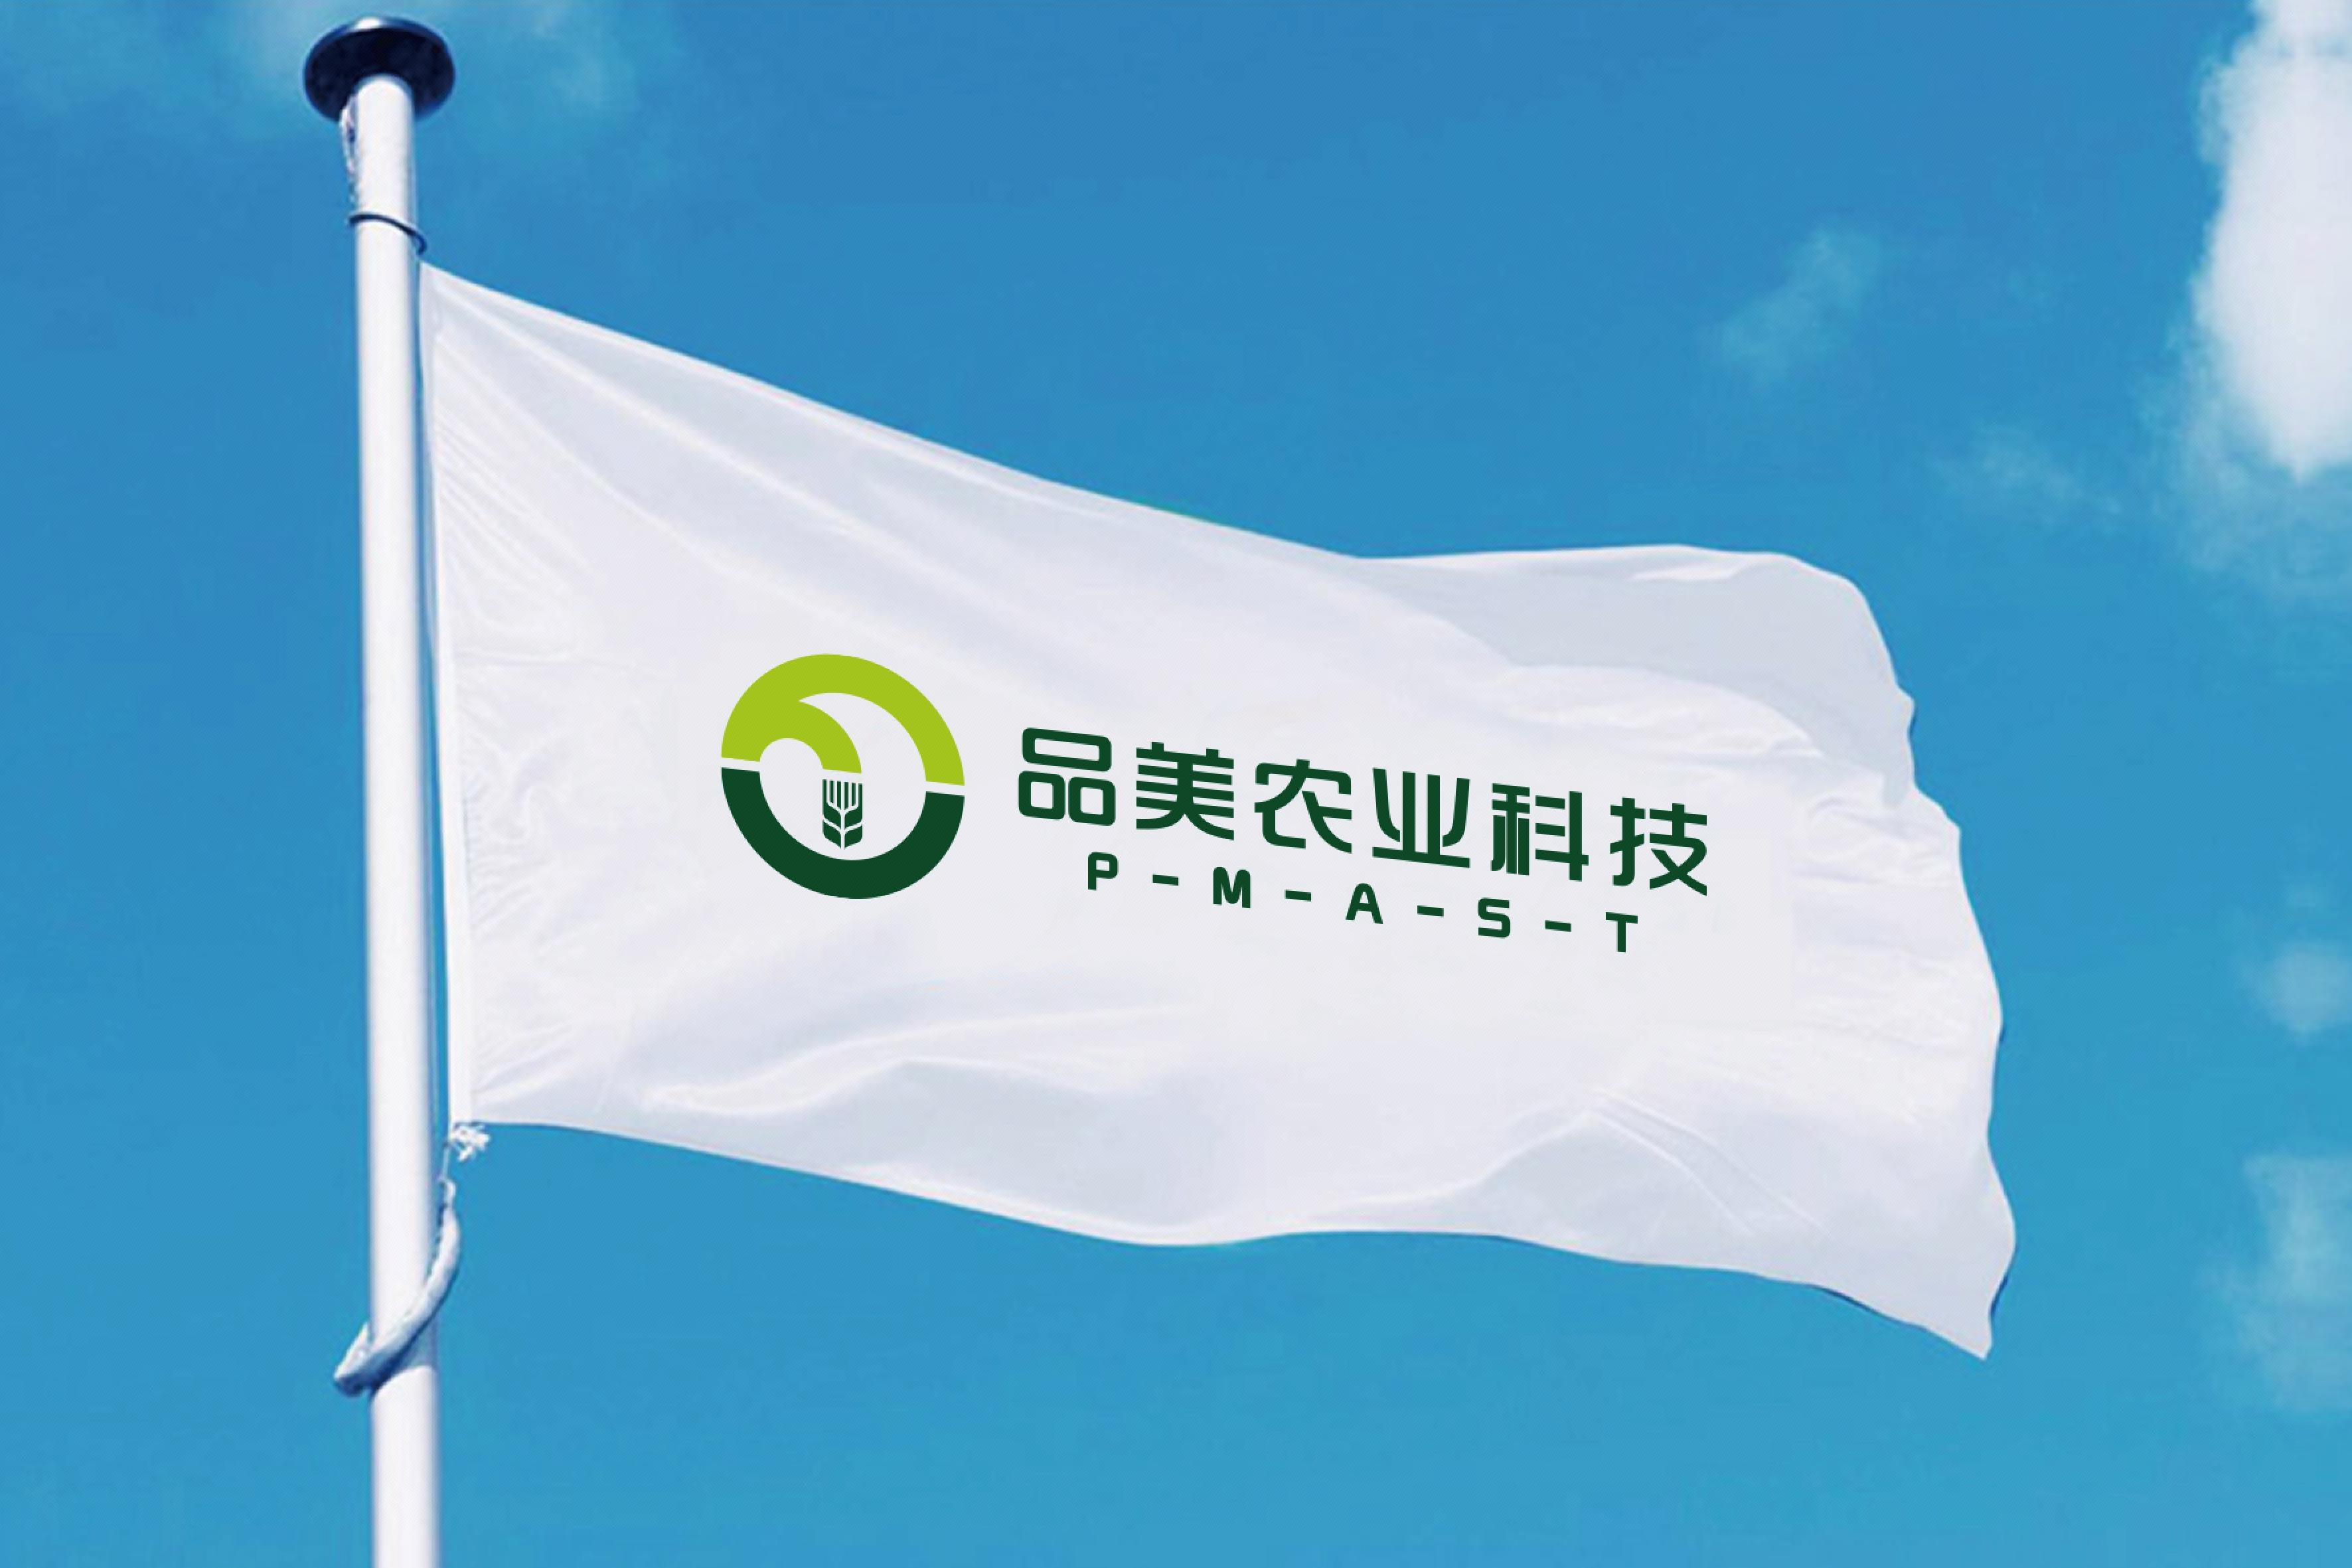 【美容养生LOGO设计】迦叶食品LOGO设计房产logo商标